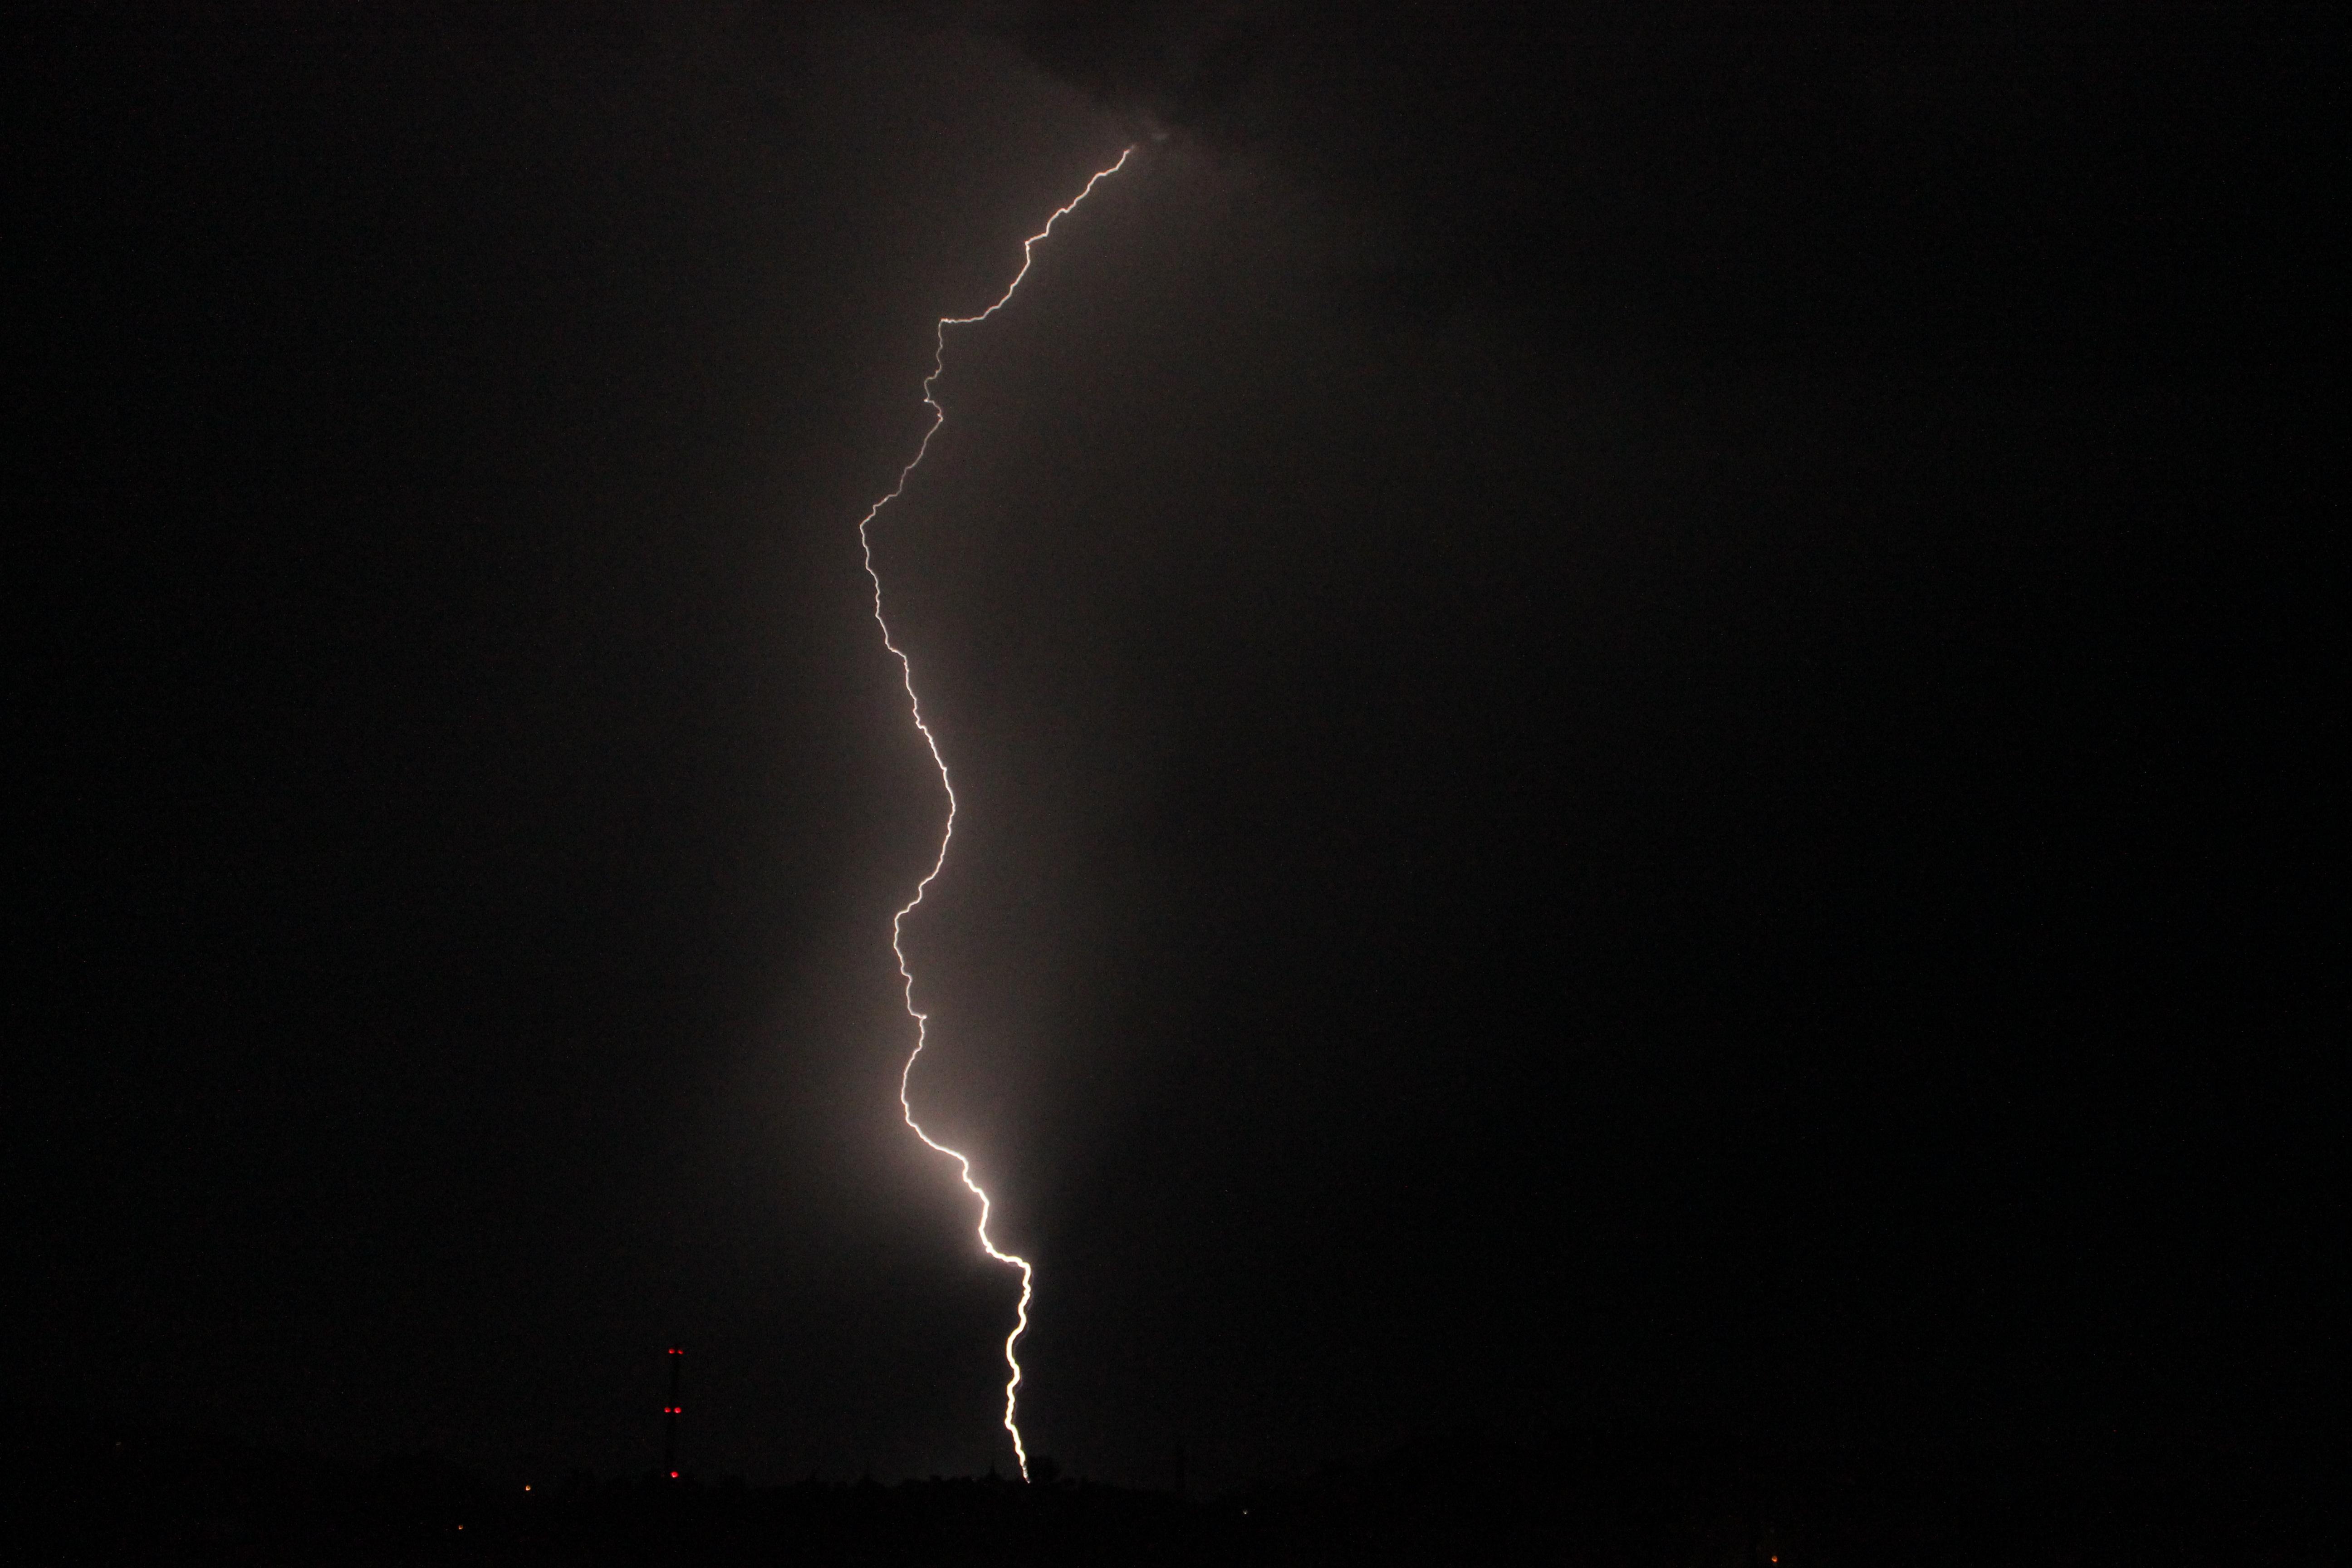 Hình ảnh Thiên Nhiên đám Mây đen Và Trắng Bầu Trời đêm